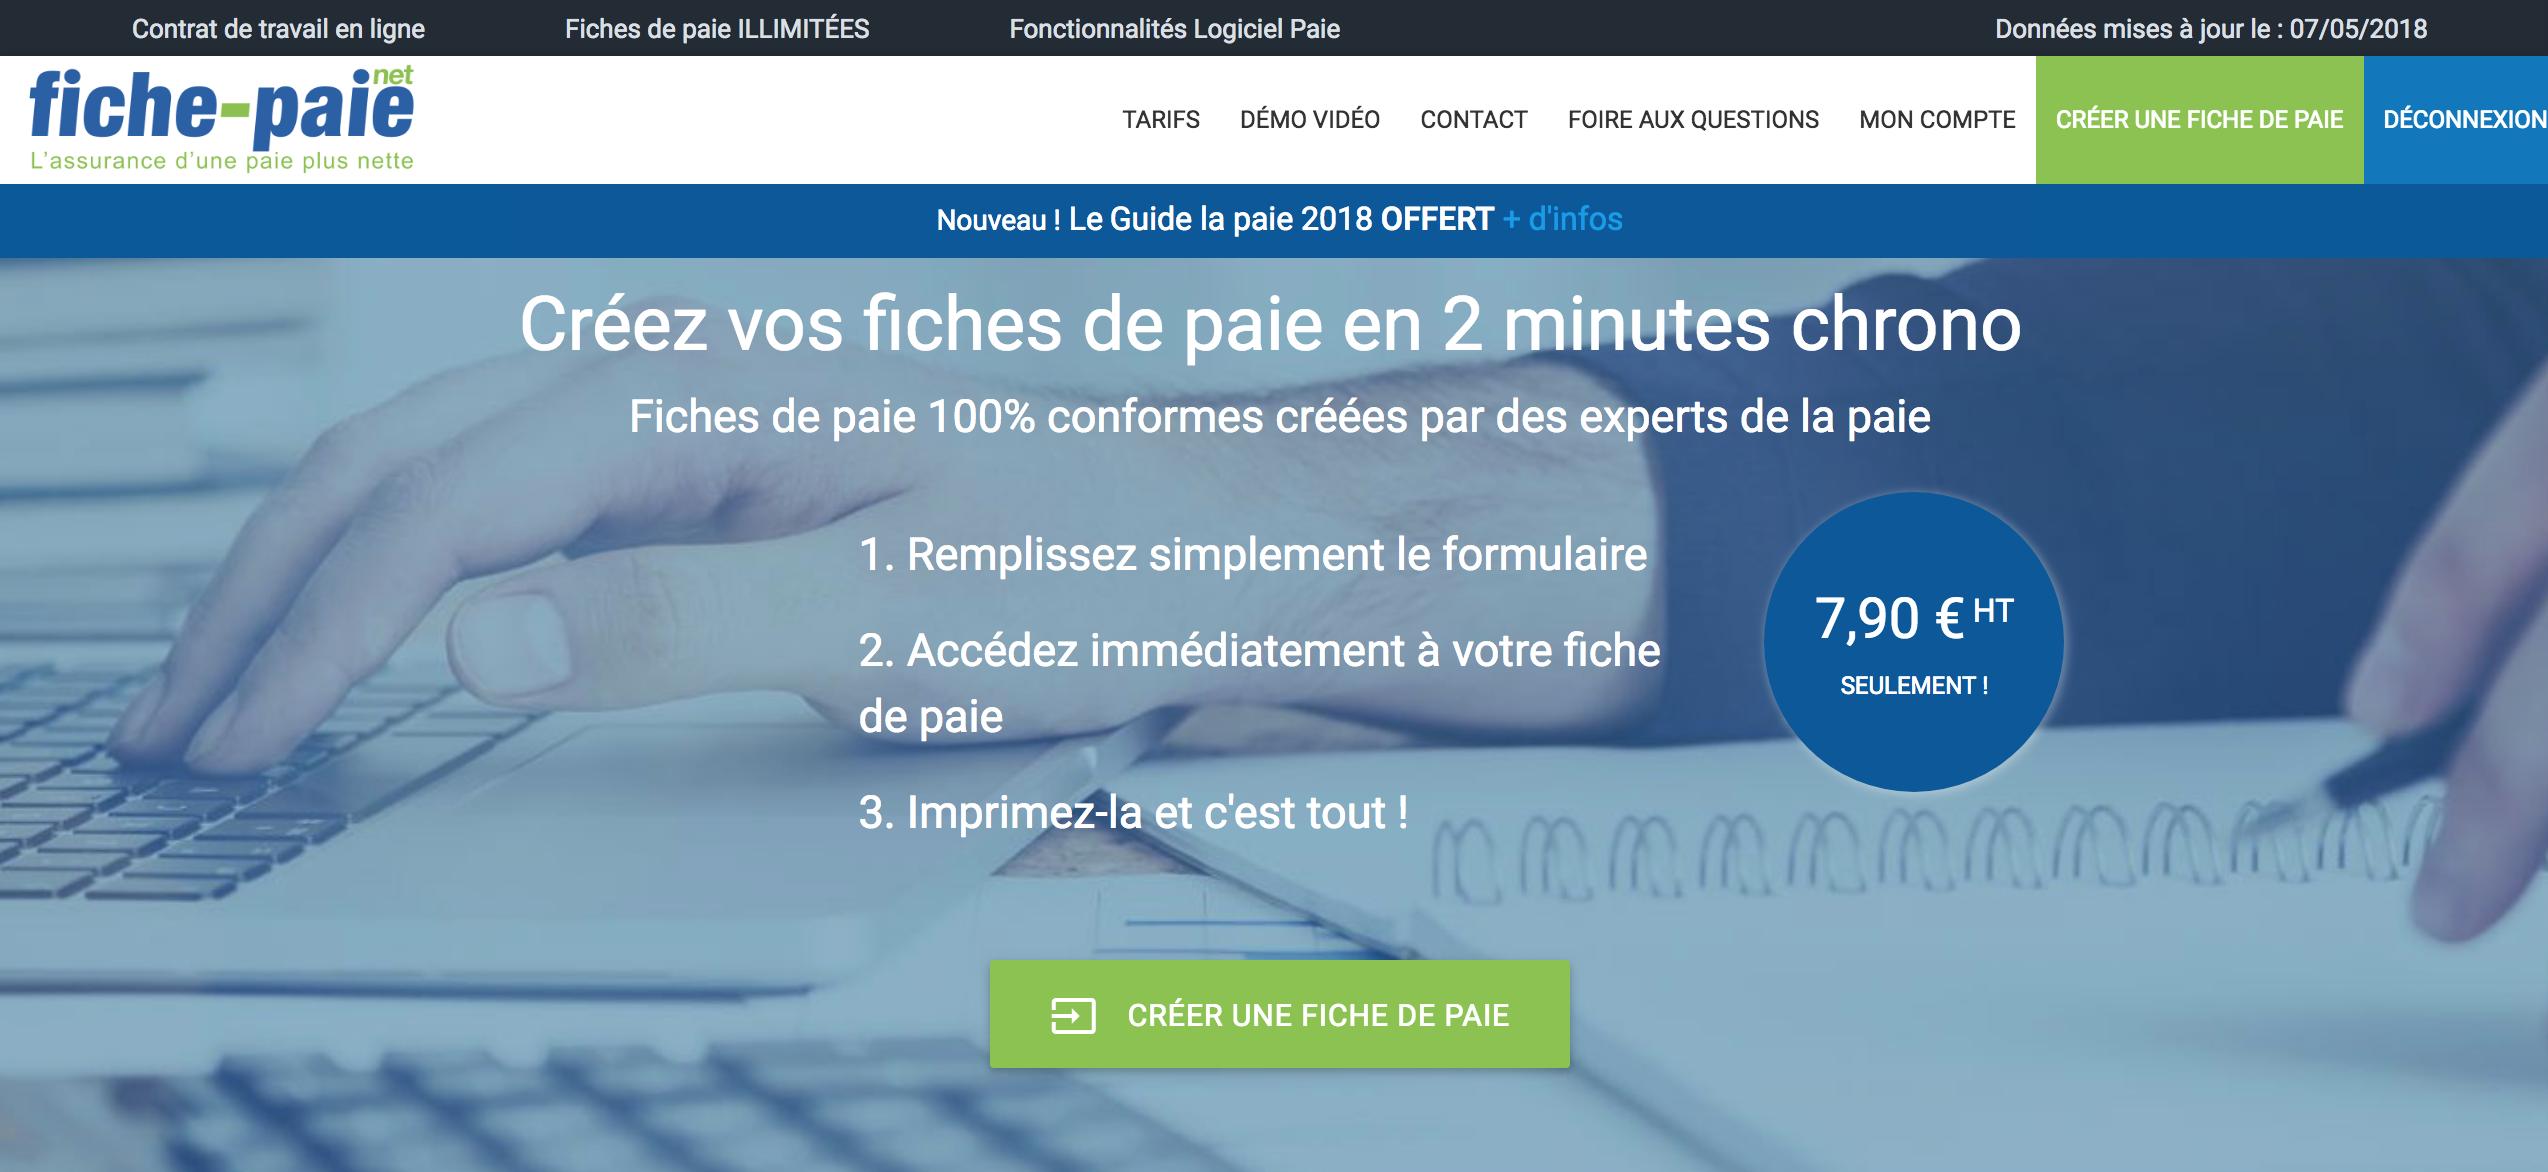 Fiche-Paie.net logiciel de paie en mode SaaS le plus économique du marché.